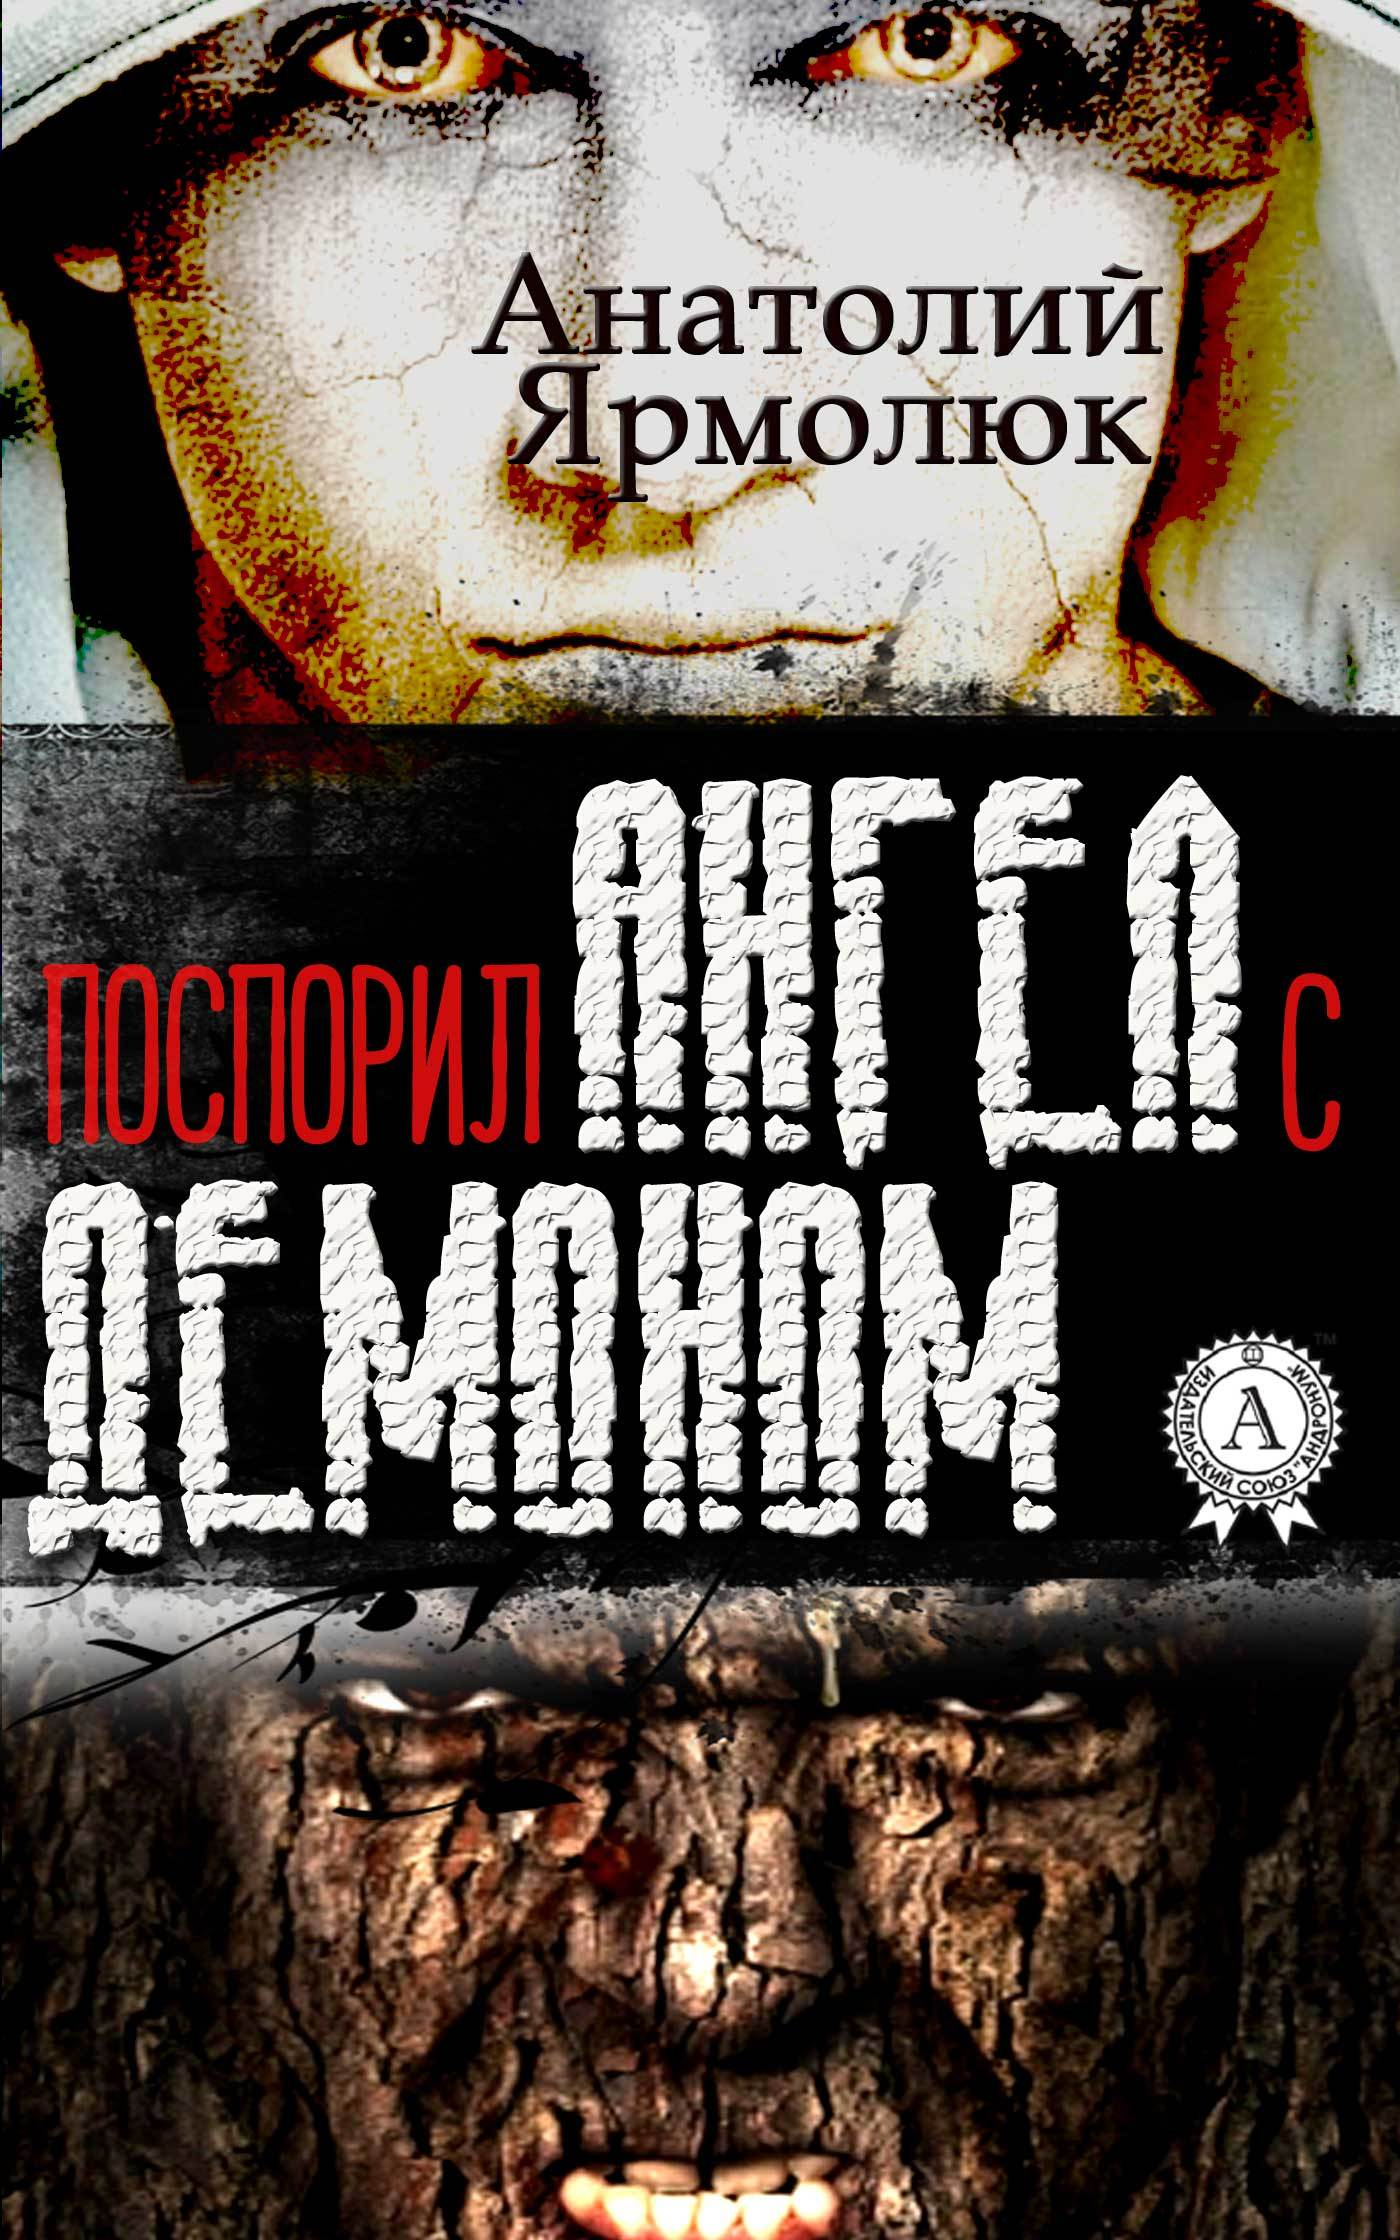 Анатолий Ярмолюк Поспорил ангел с демоном анатолий ярмолюк зеленоглазая моя погибель